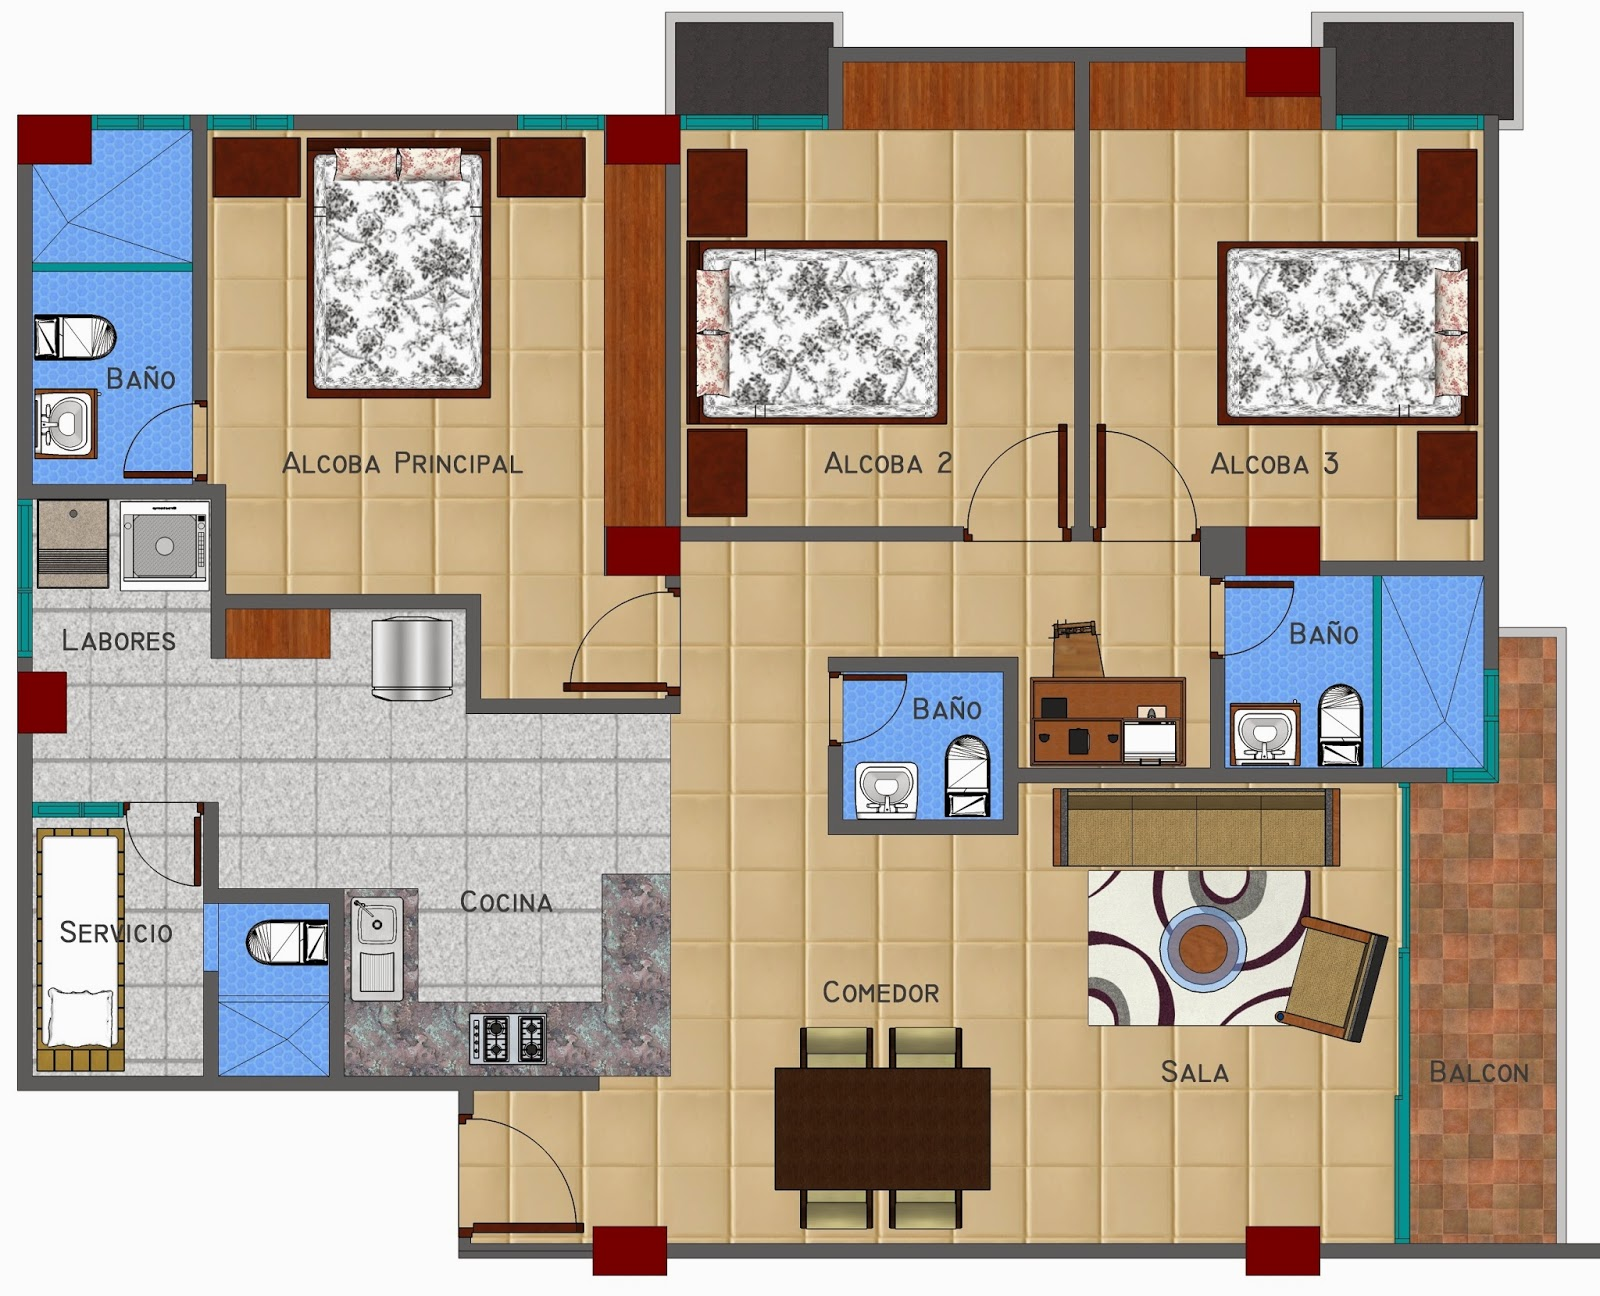 Planos apartamentos edificio chelsea for Planos de cocina y comedor